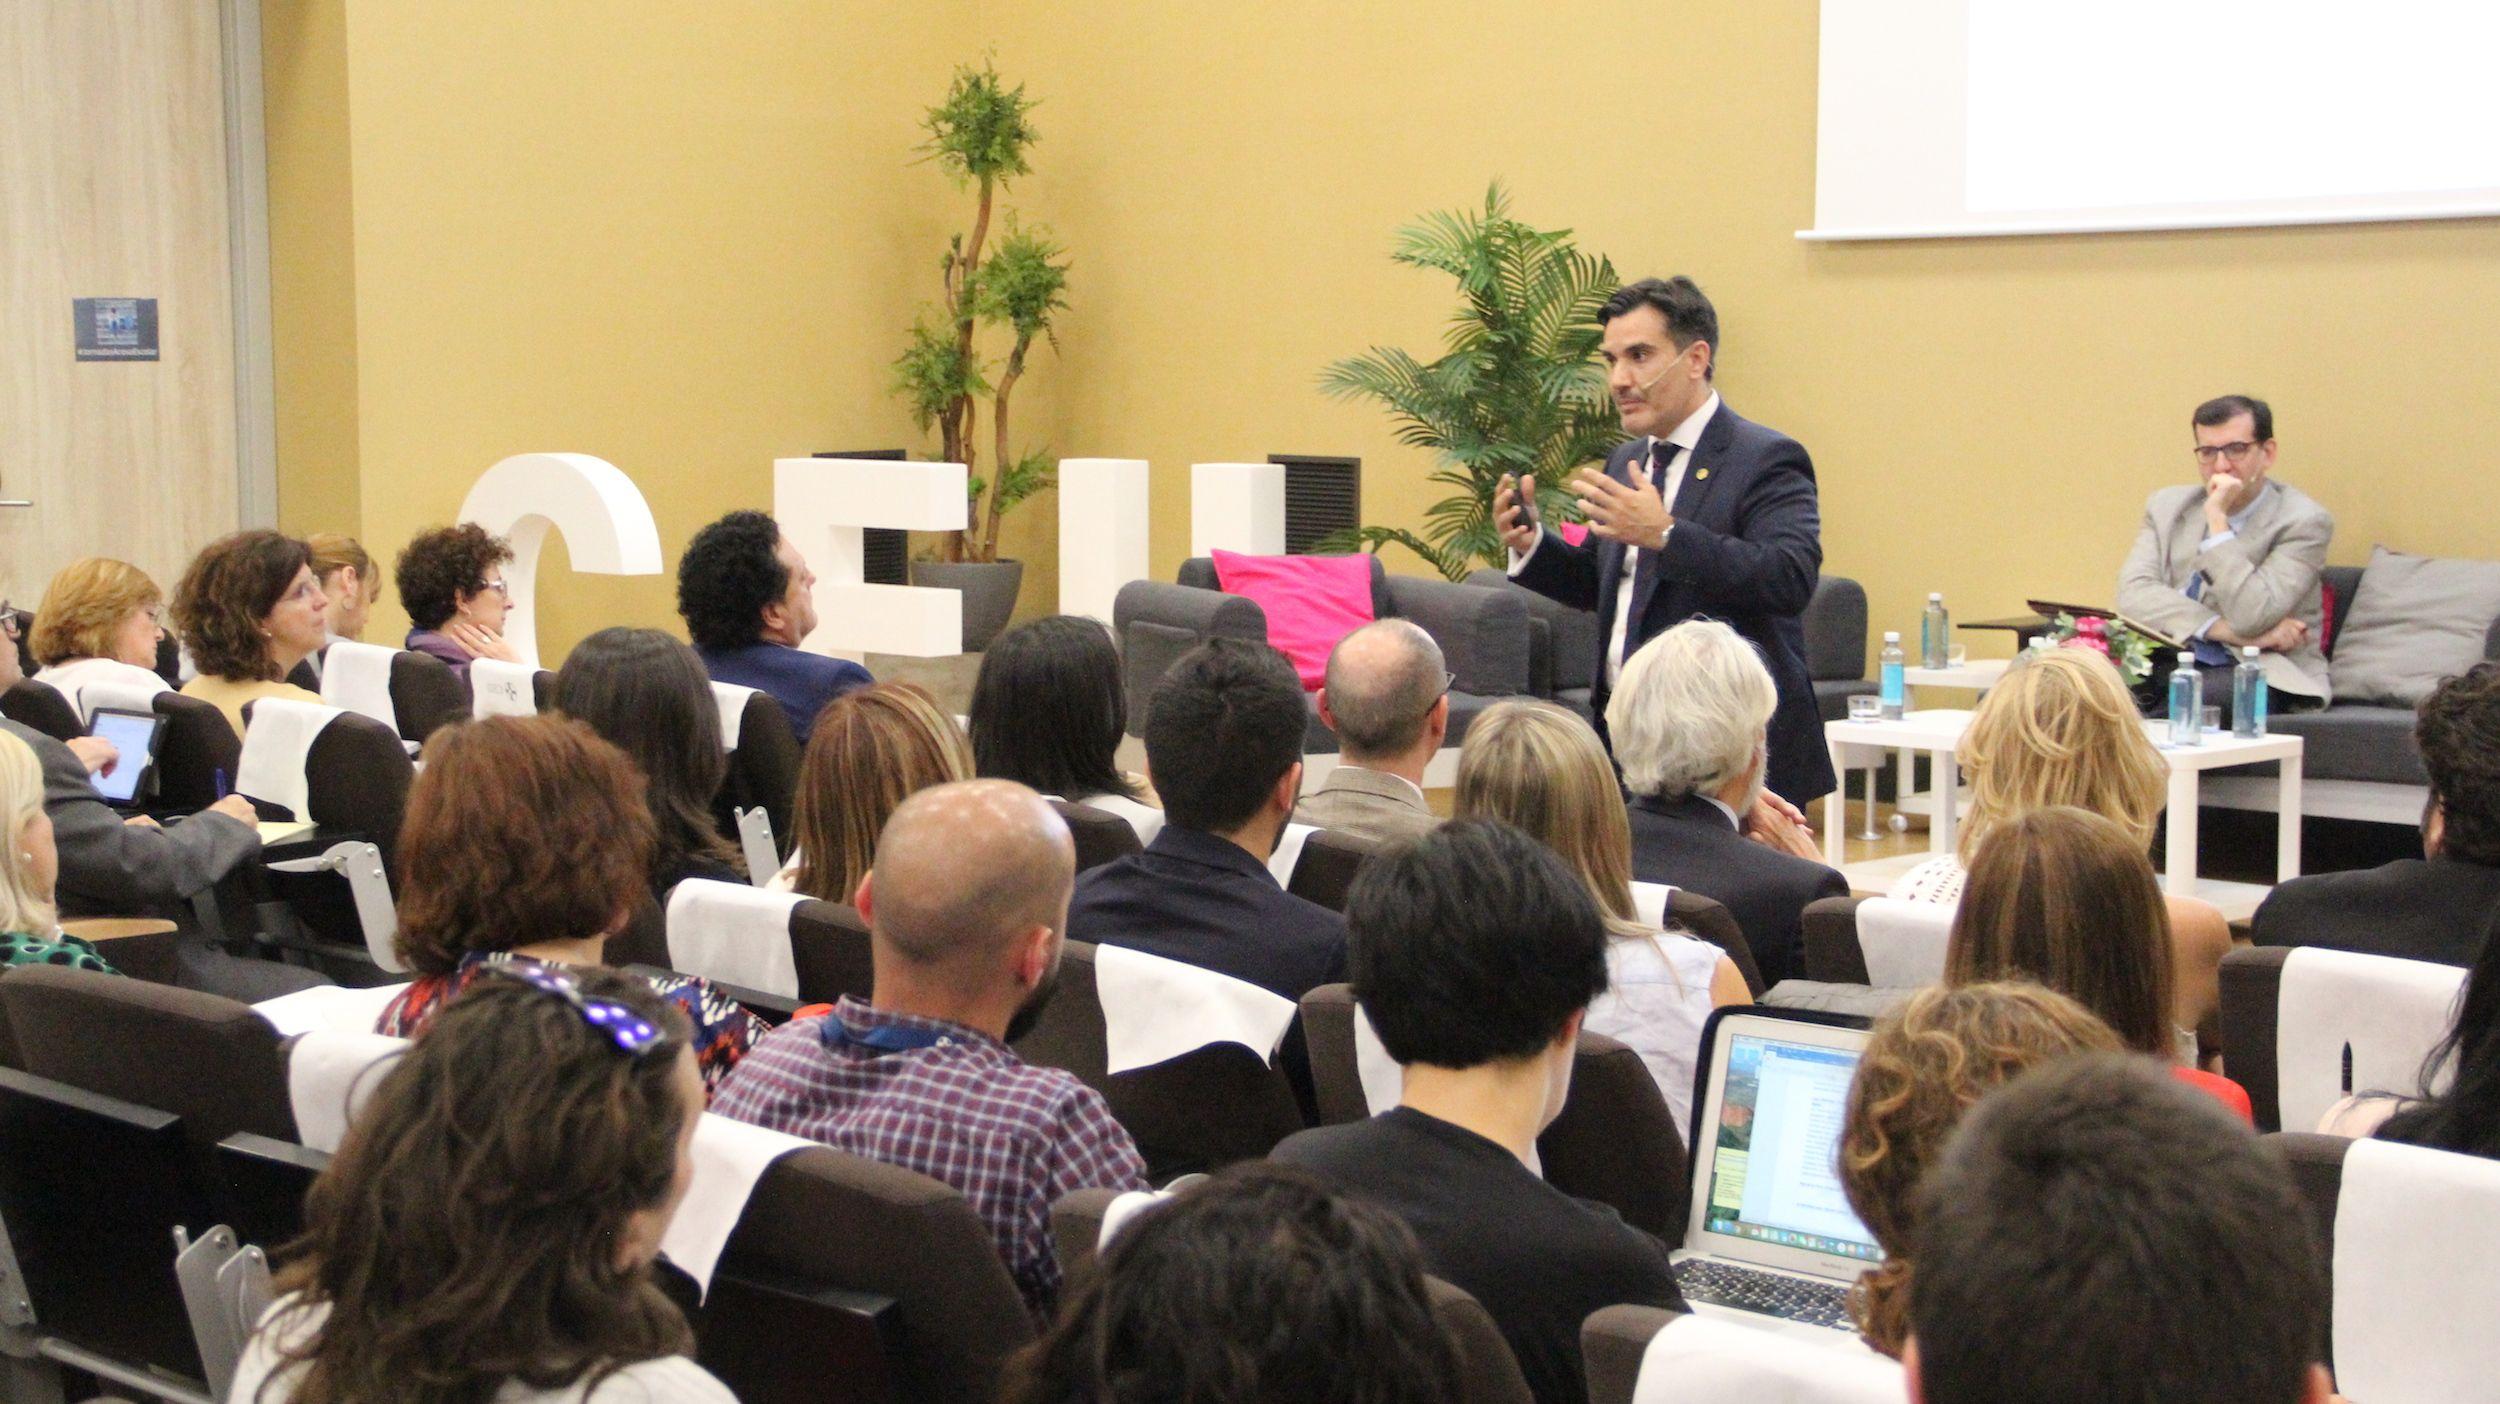 Óscar Cortijo, director de las Jornadas, explica el Programa AVE de prevención del acoso que coordina en los centros CEU.